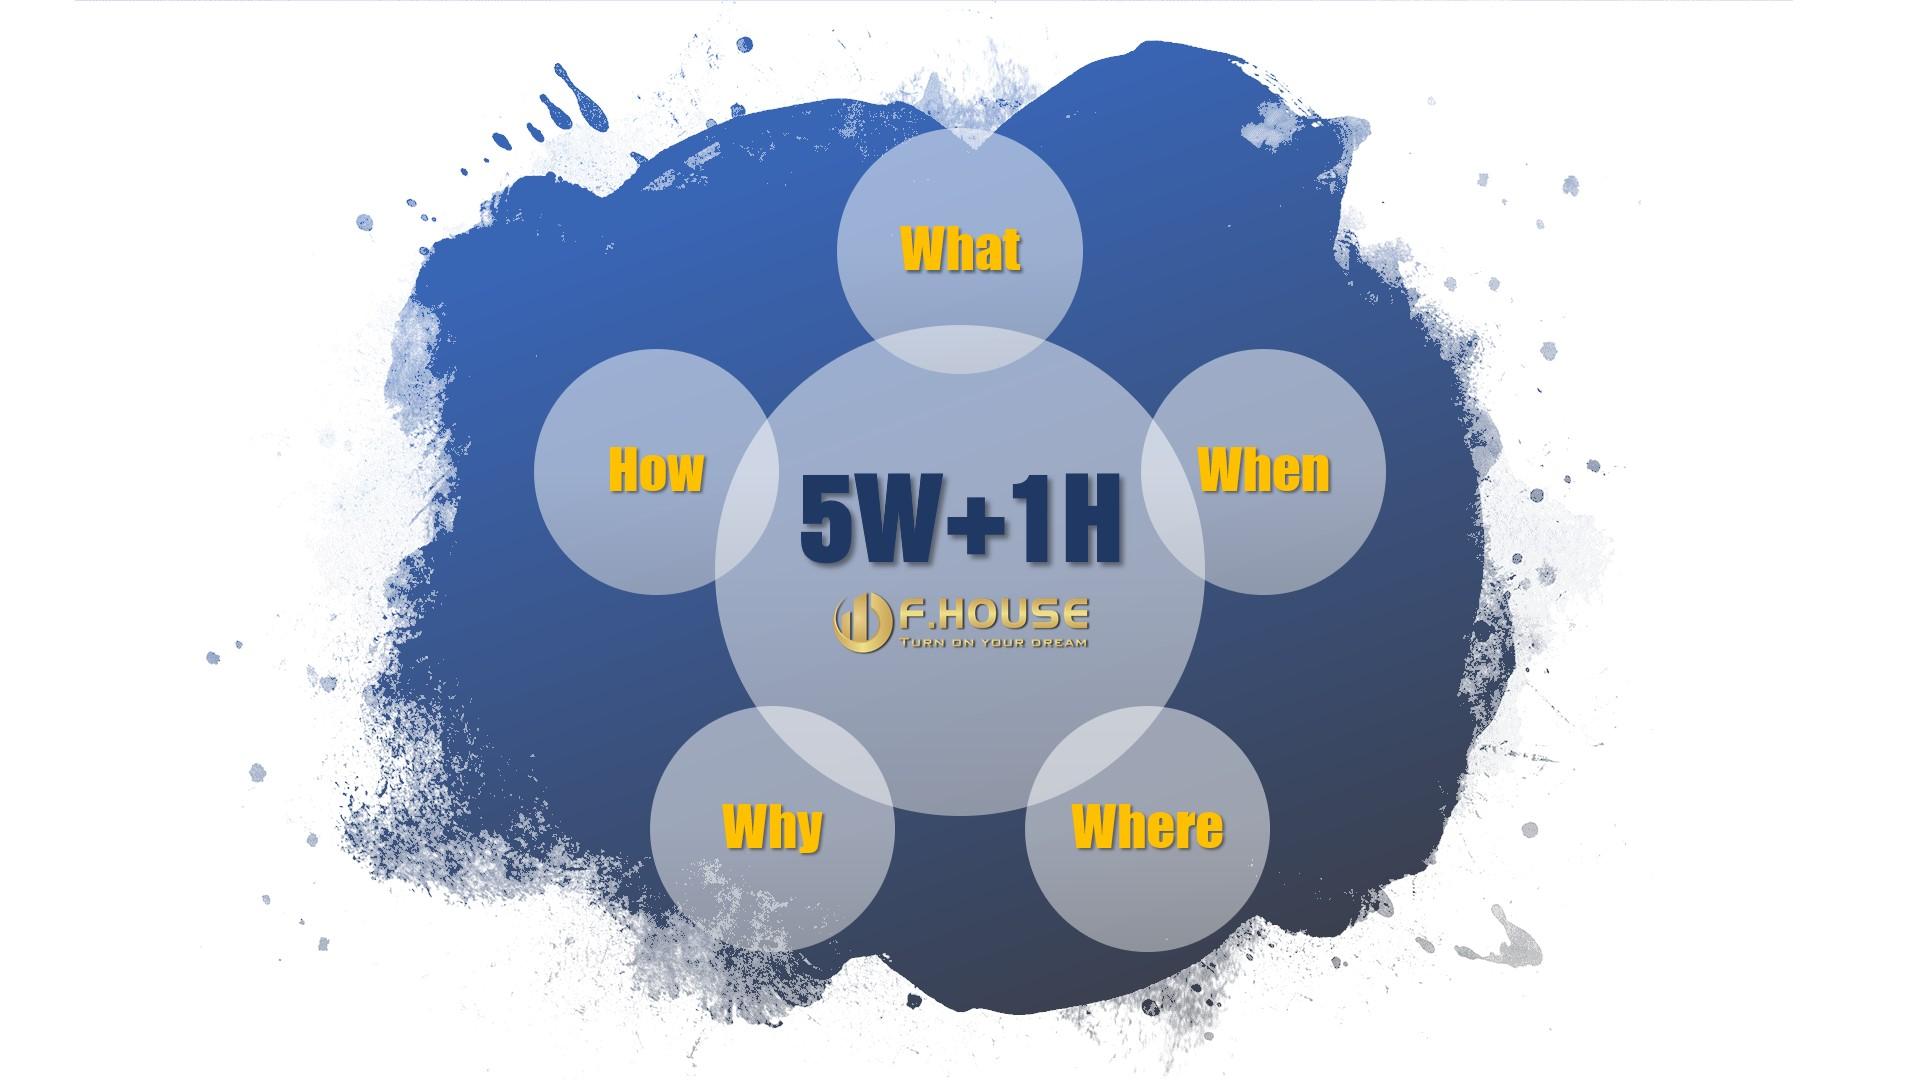 Lập kế hoạch Marketing Bất động sản theo quy trình 5W + 1H